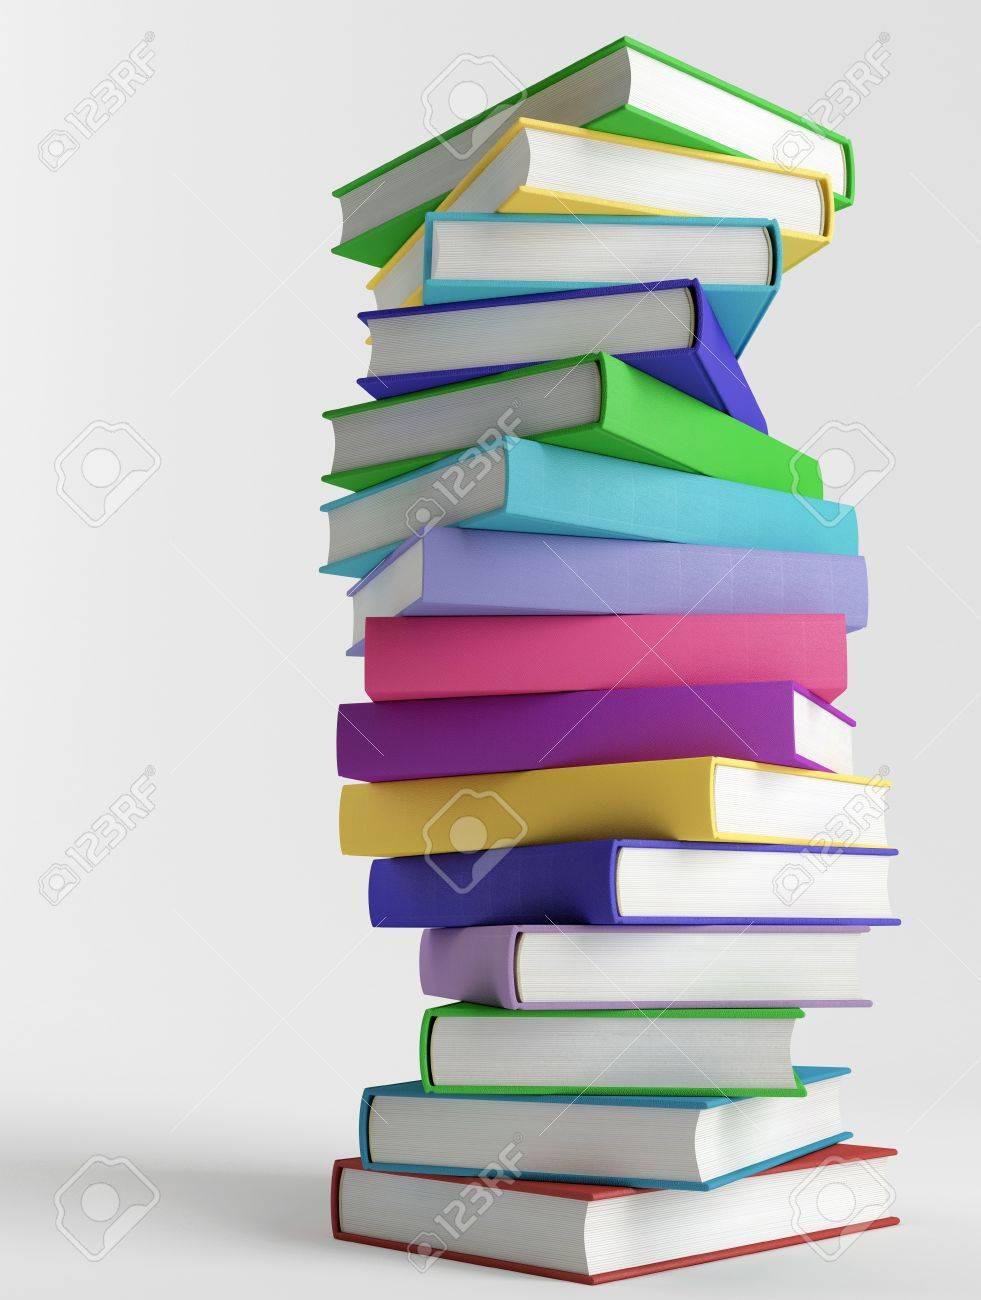 Coloridos Libros Sin Títulos En El Fondo Blanco Fotos, Retratos ...